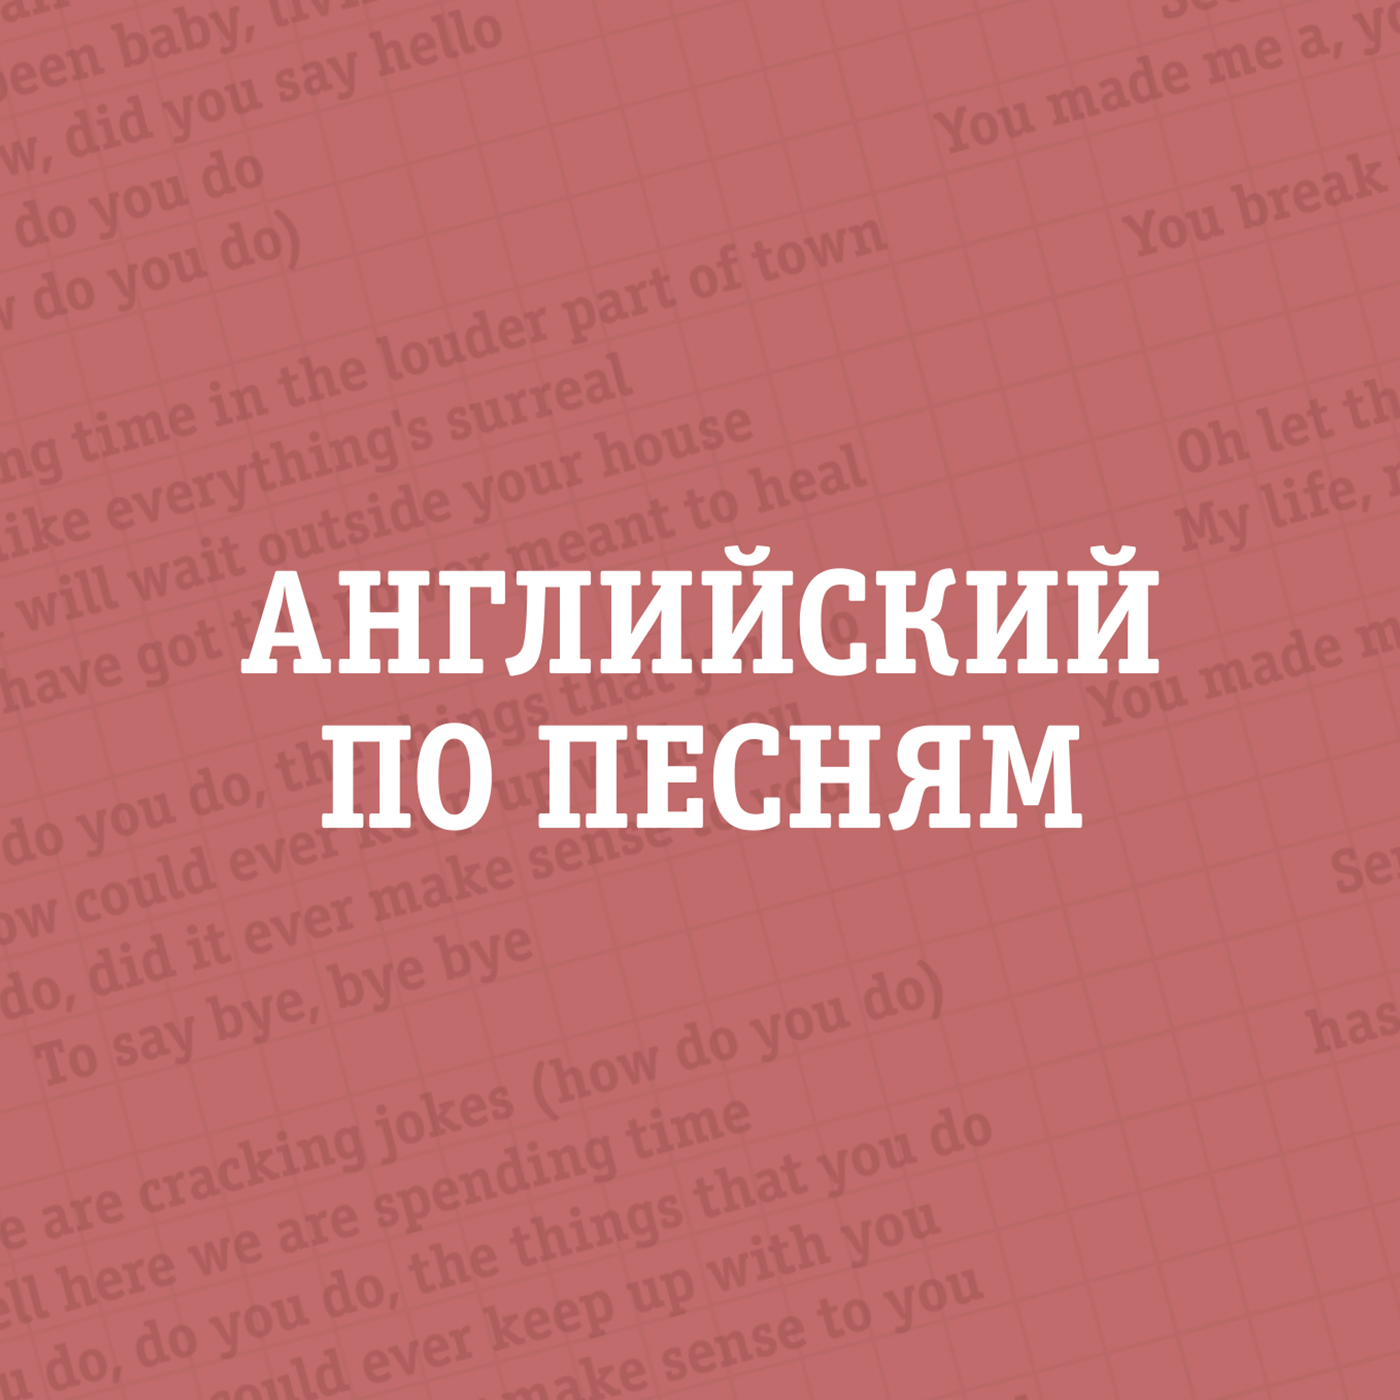 Английский по песням - О чем песня Уитни Хьюстон I Will Always Love You?